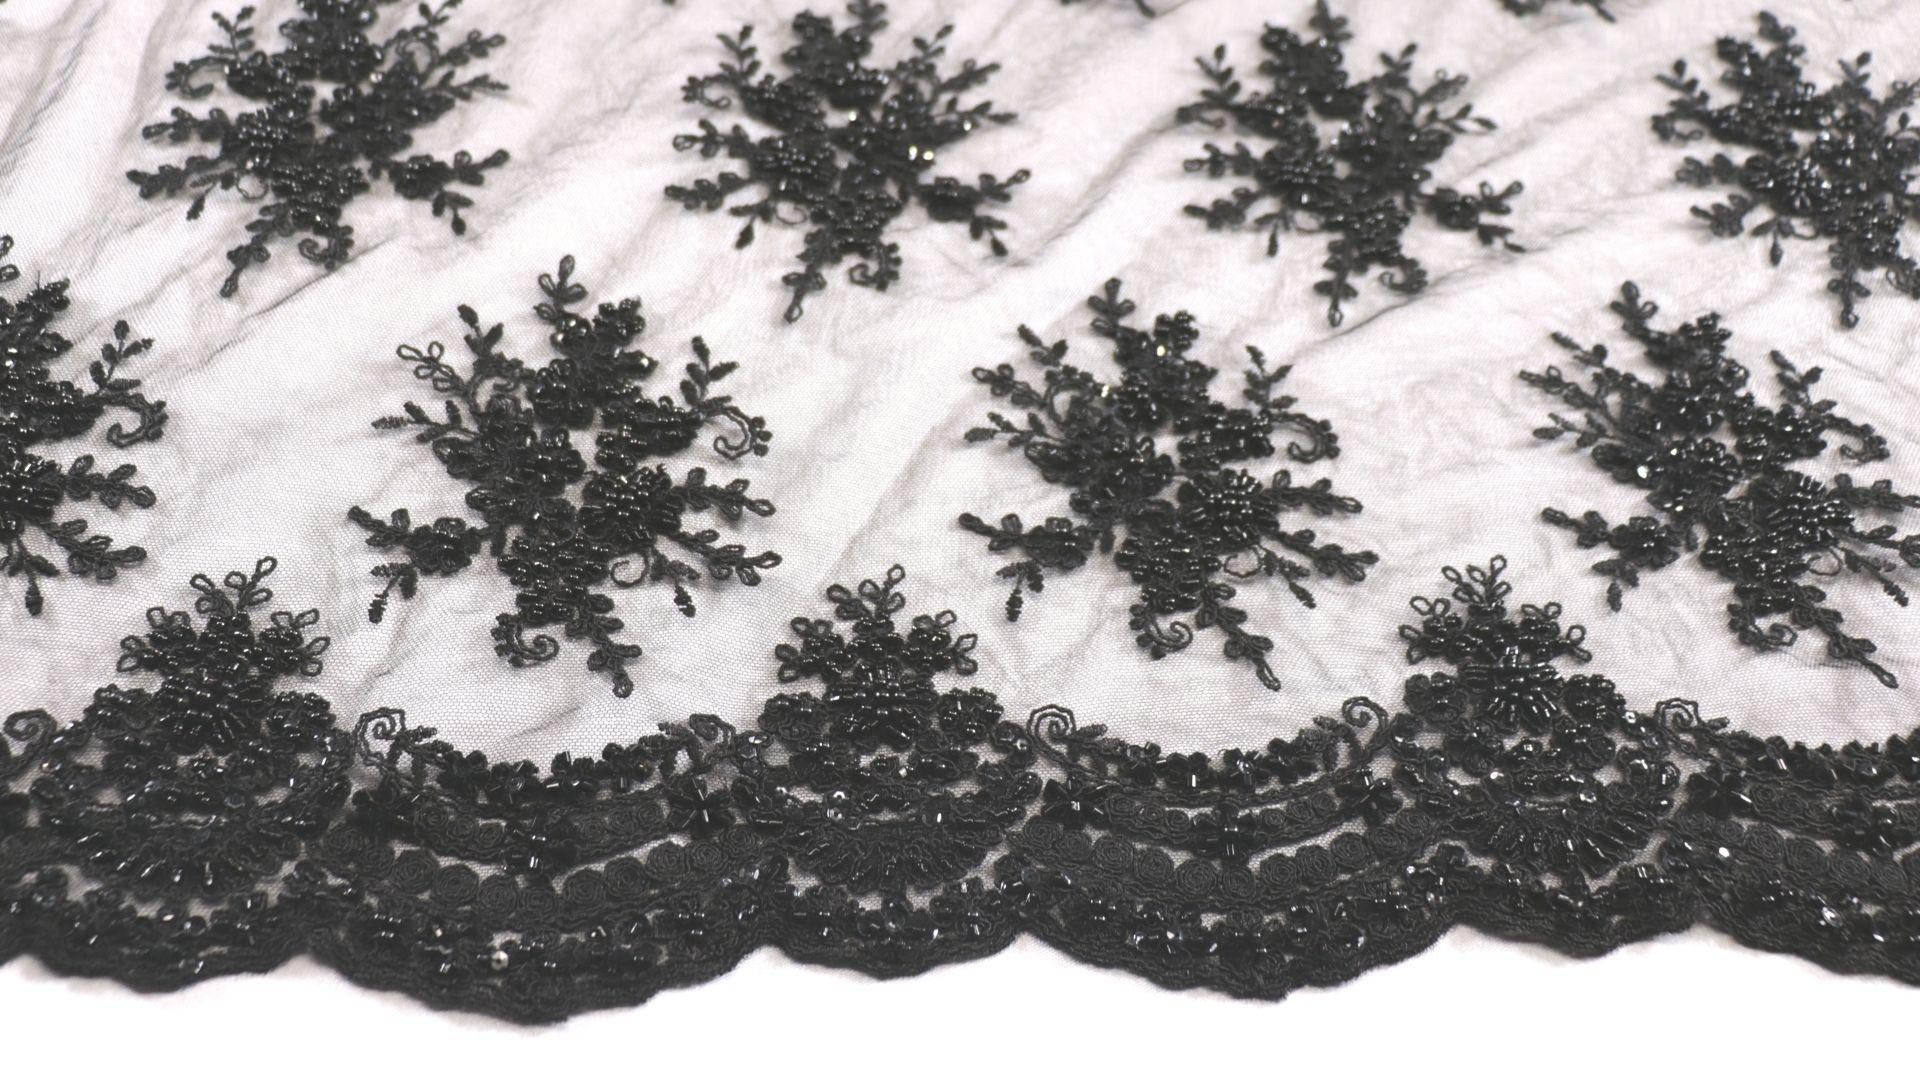 il particolare del tessuto dr9406, appartenente alla categoria ricami con accessori, di Leadford & Logan